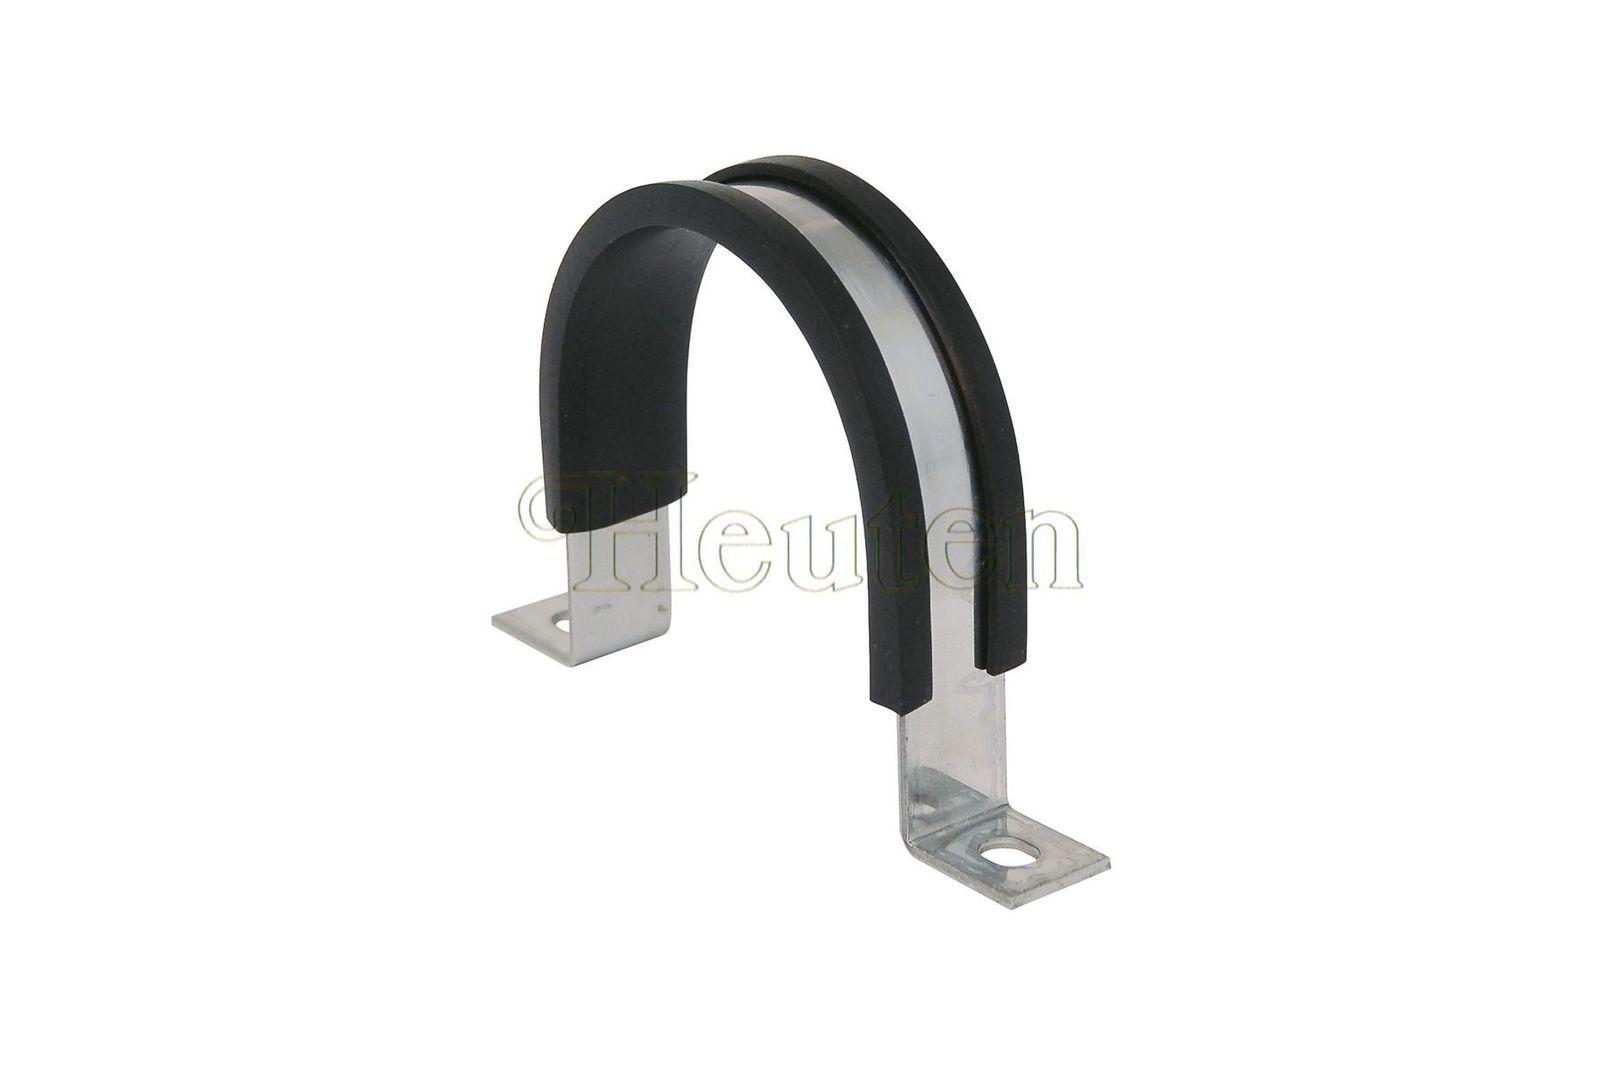 #Edelstahl-Befestigungsbügel (+Gummi) Wischermotor Mini, 37H 4836SS